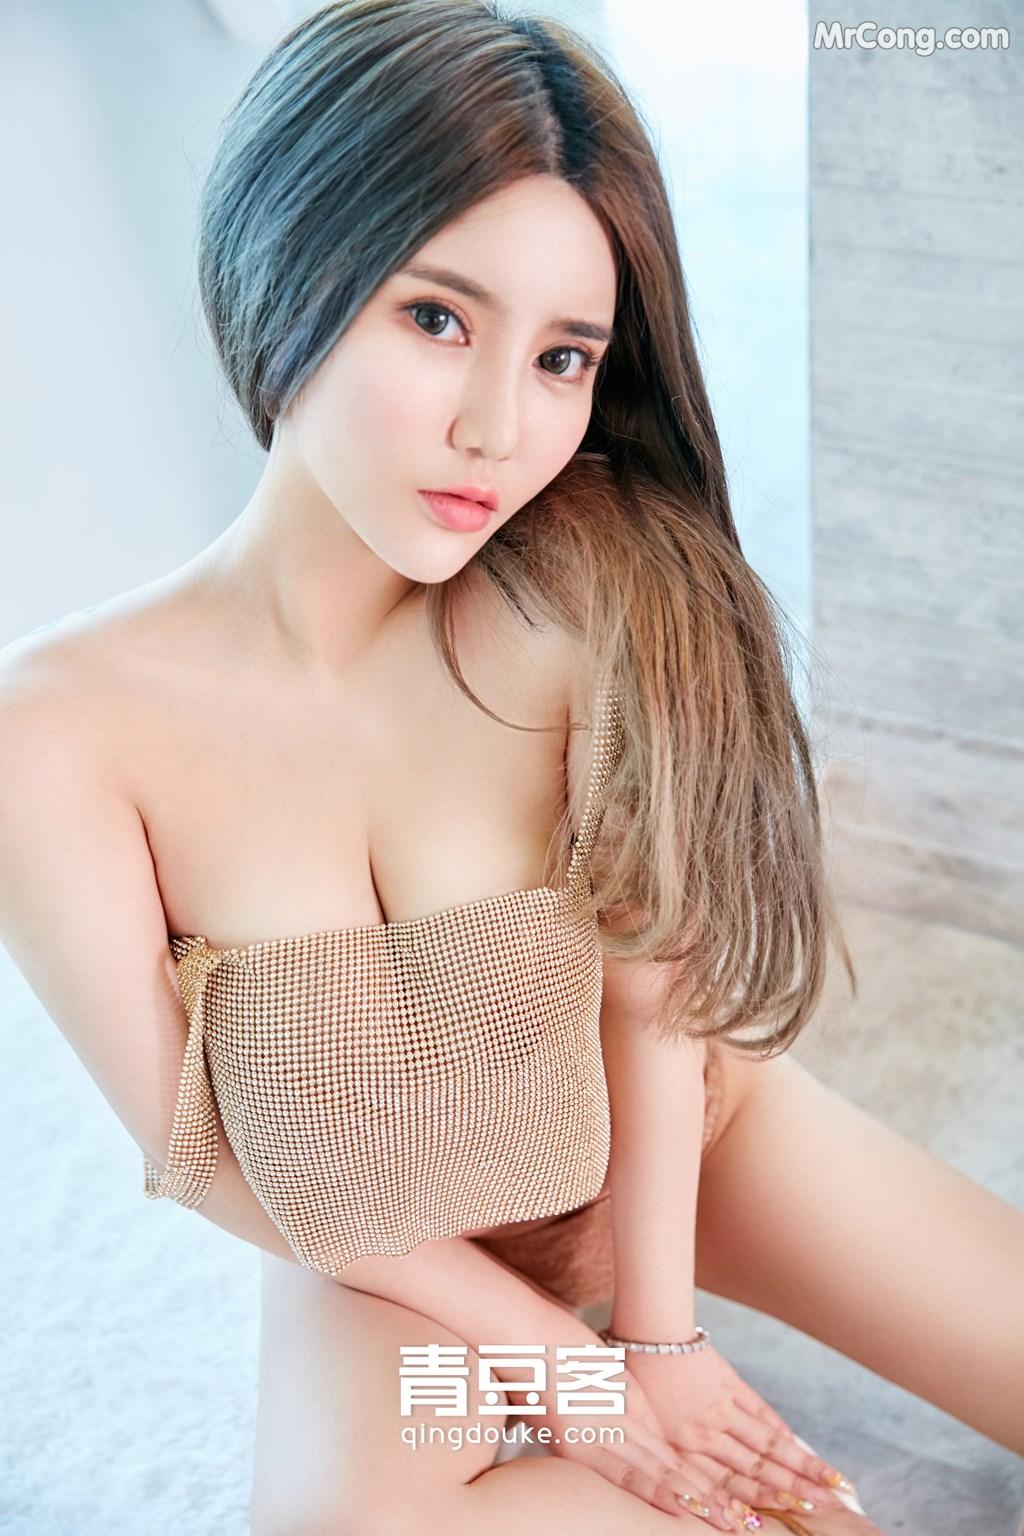 Image QingDouKe-2017-11-14-Wen-Xin-Yi-MrCong.com-009 in post QingDouKe 2017-11-14: Người mẫu Wen Xin Yi (温馨怡) (49 ảnh)